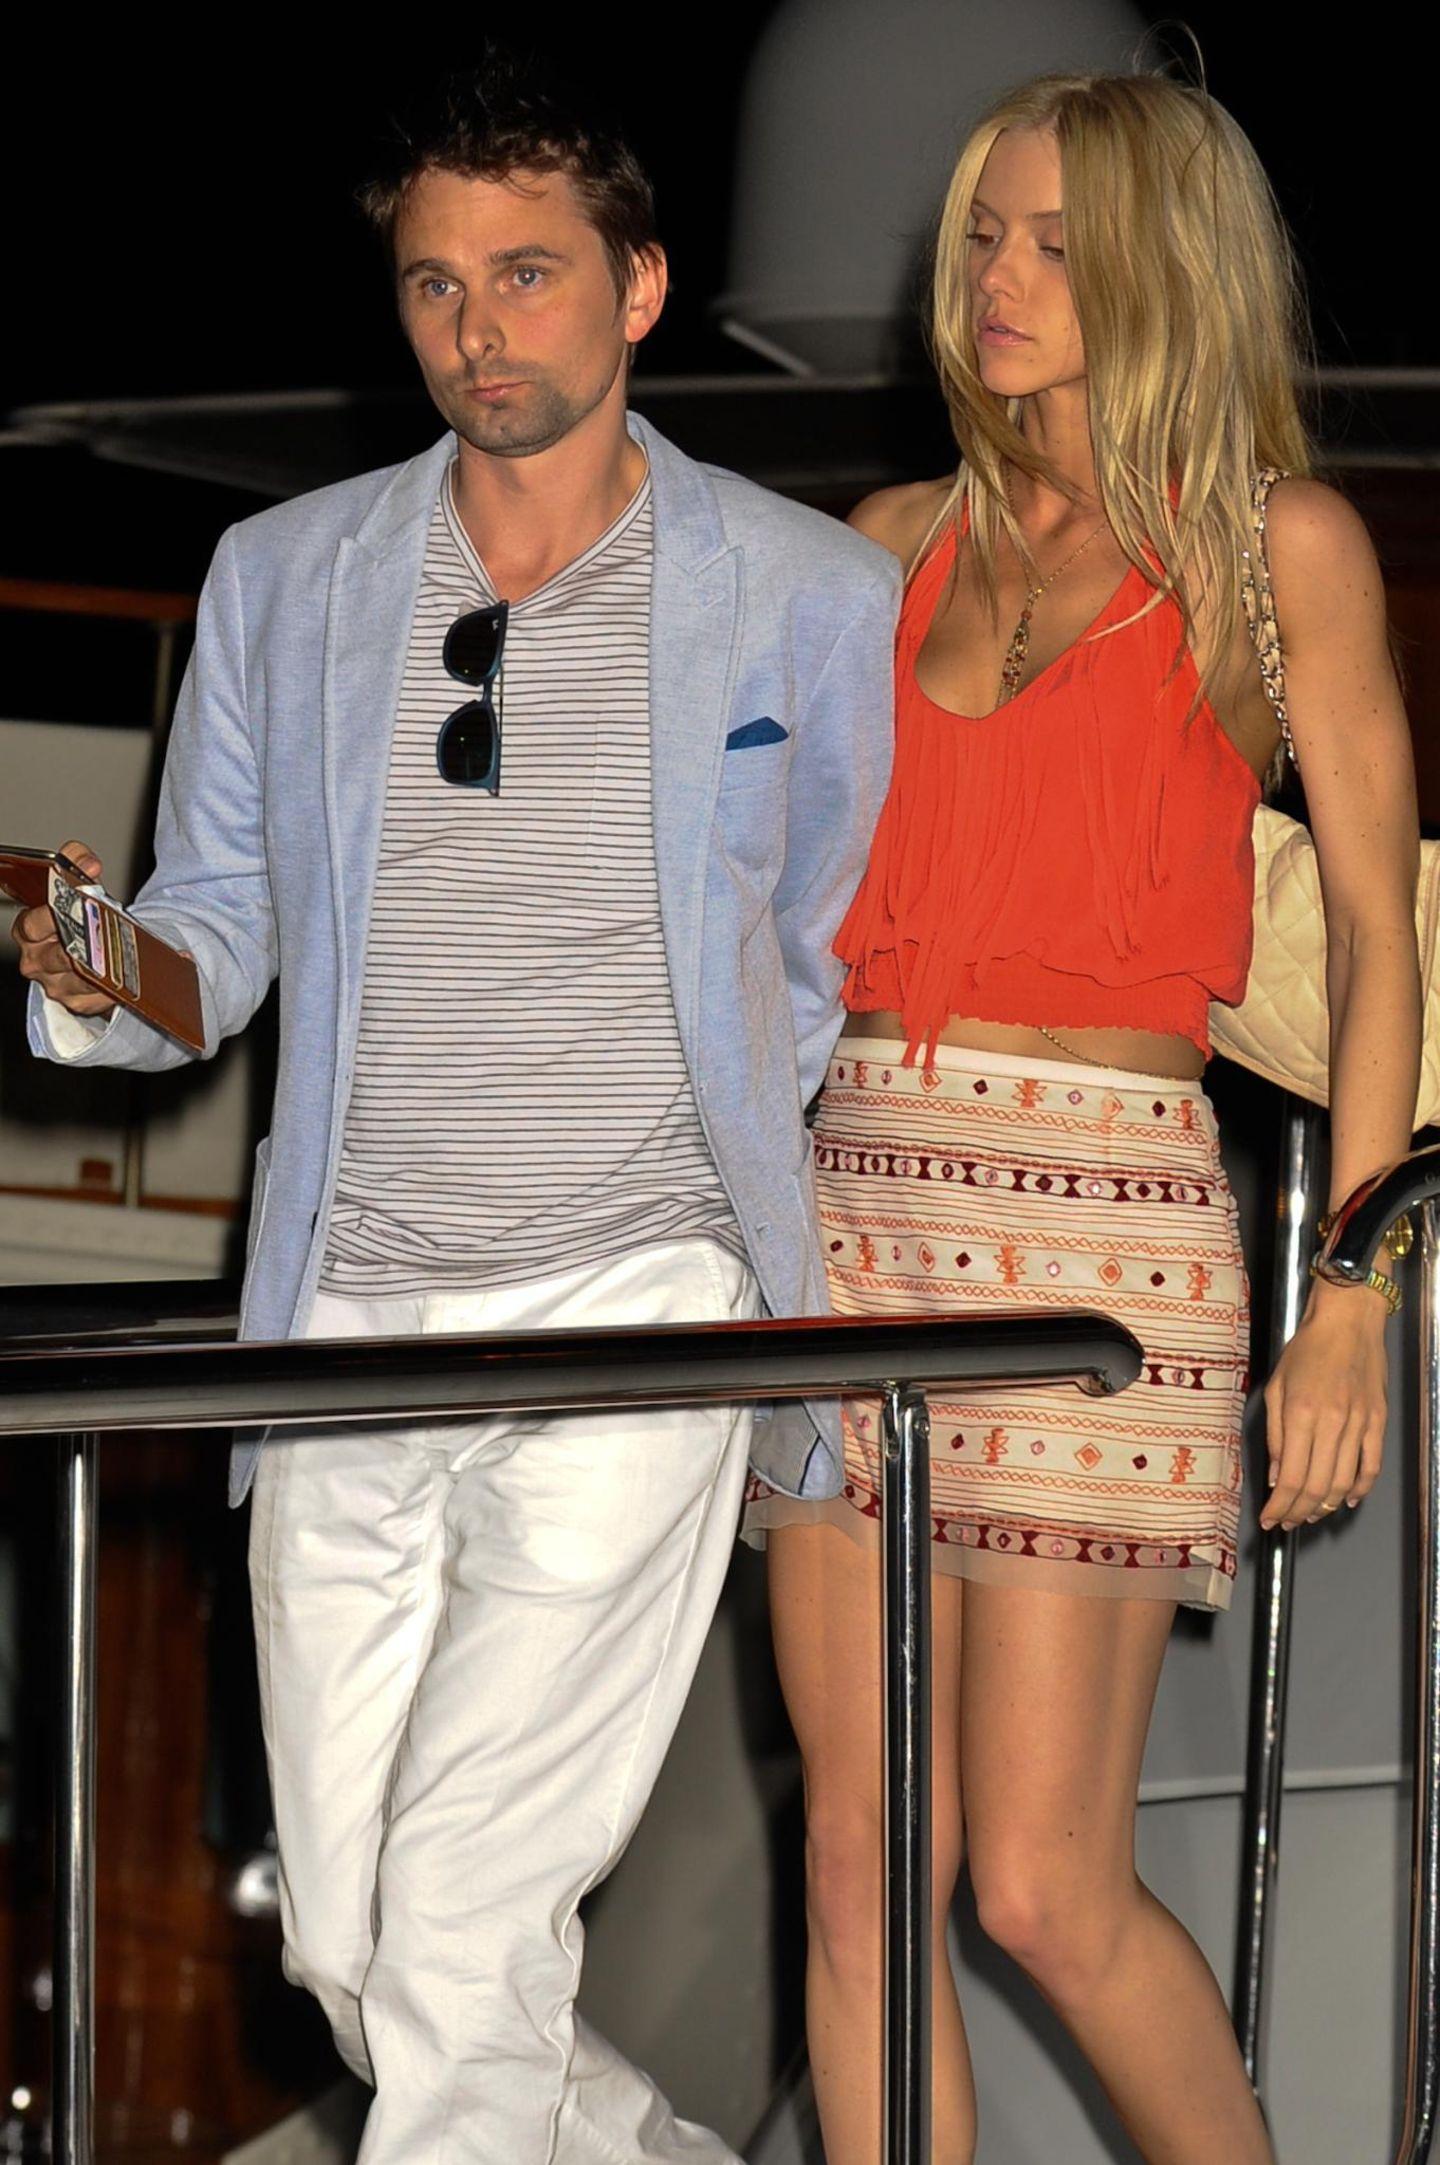 20. Mai 2015: Matt Bellamy steigt mit seiner neuen Freundin Ella Evans auf eine Yacht in Cannes, um dort eine Party zu feiern. Sein Beuteschema scheint sich jedoch nicht geändert zu haben, seine neue Begleitung erinnert uns doch sehr an Kate Hudson.